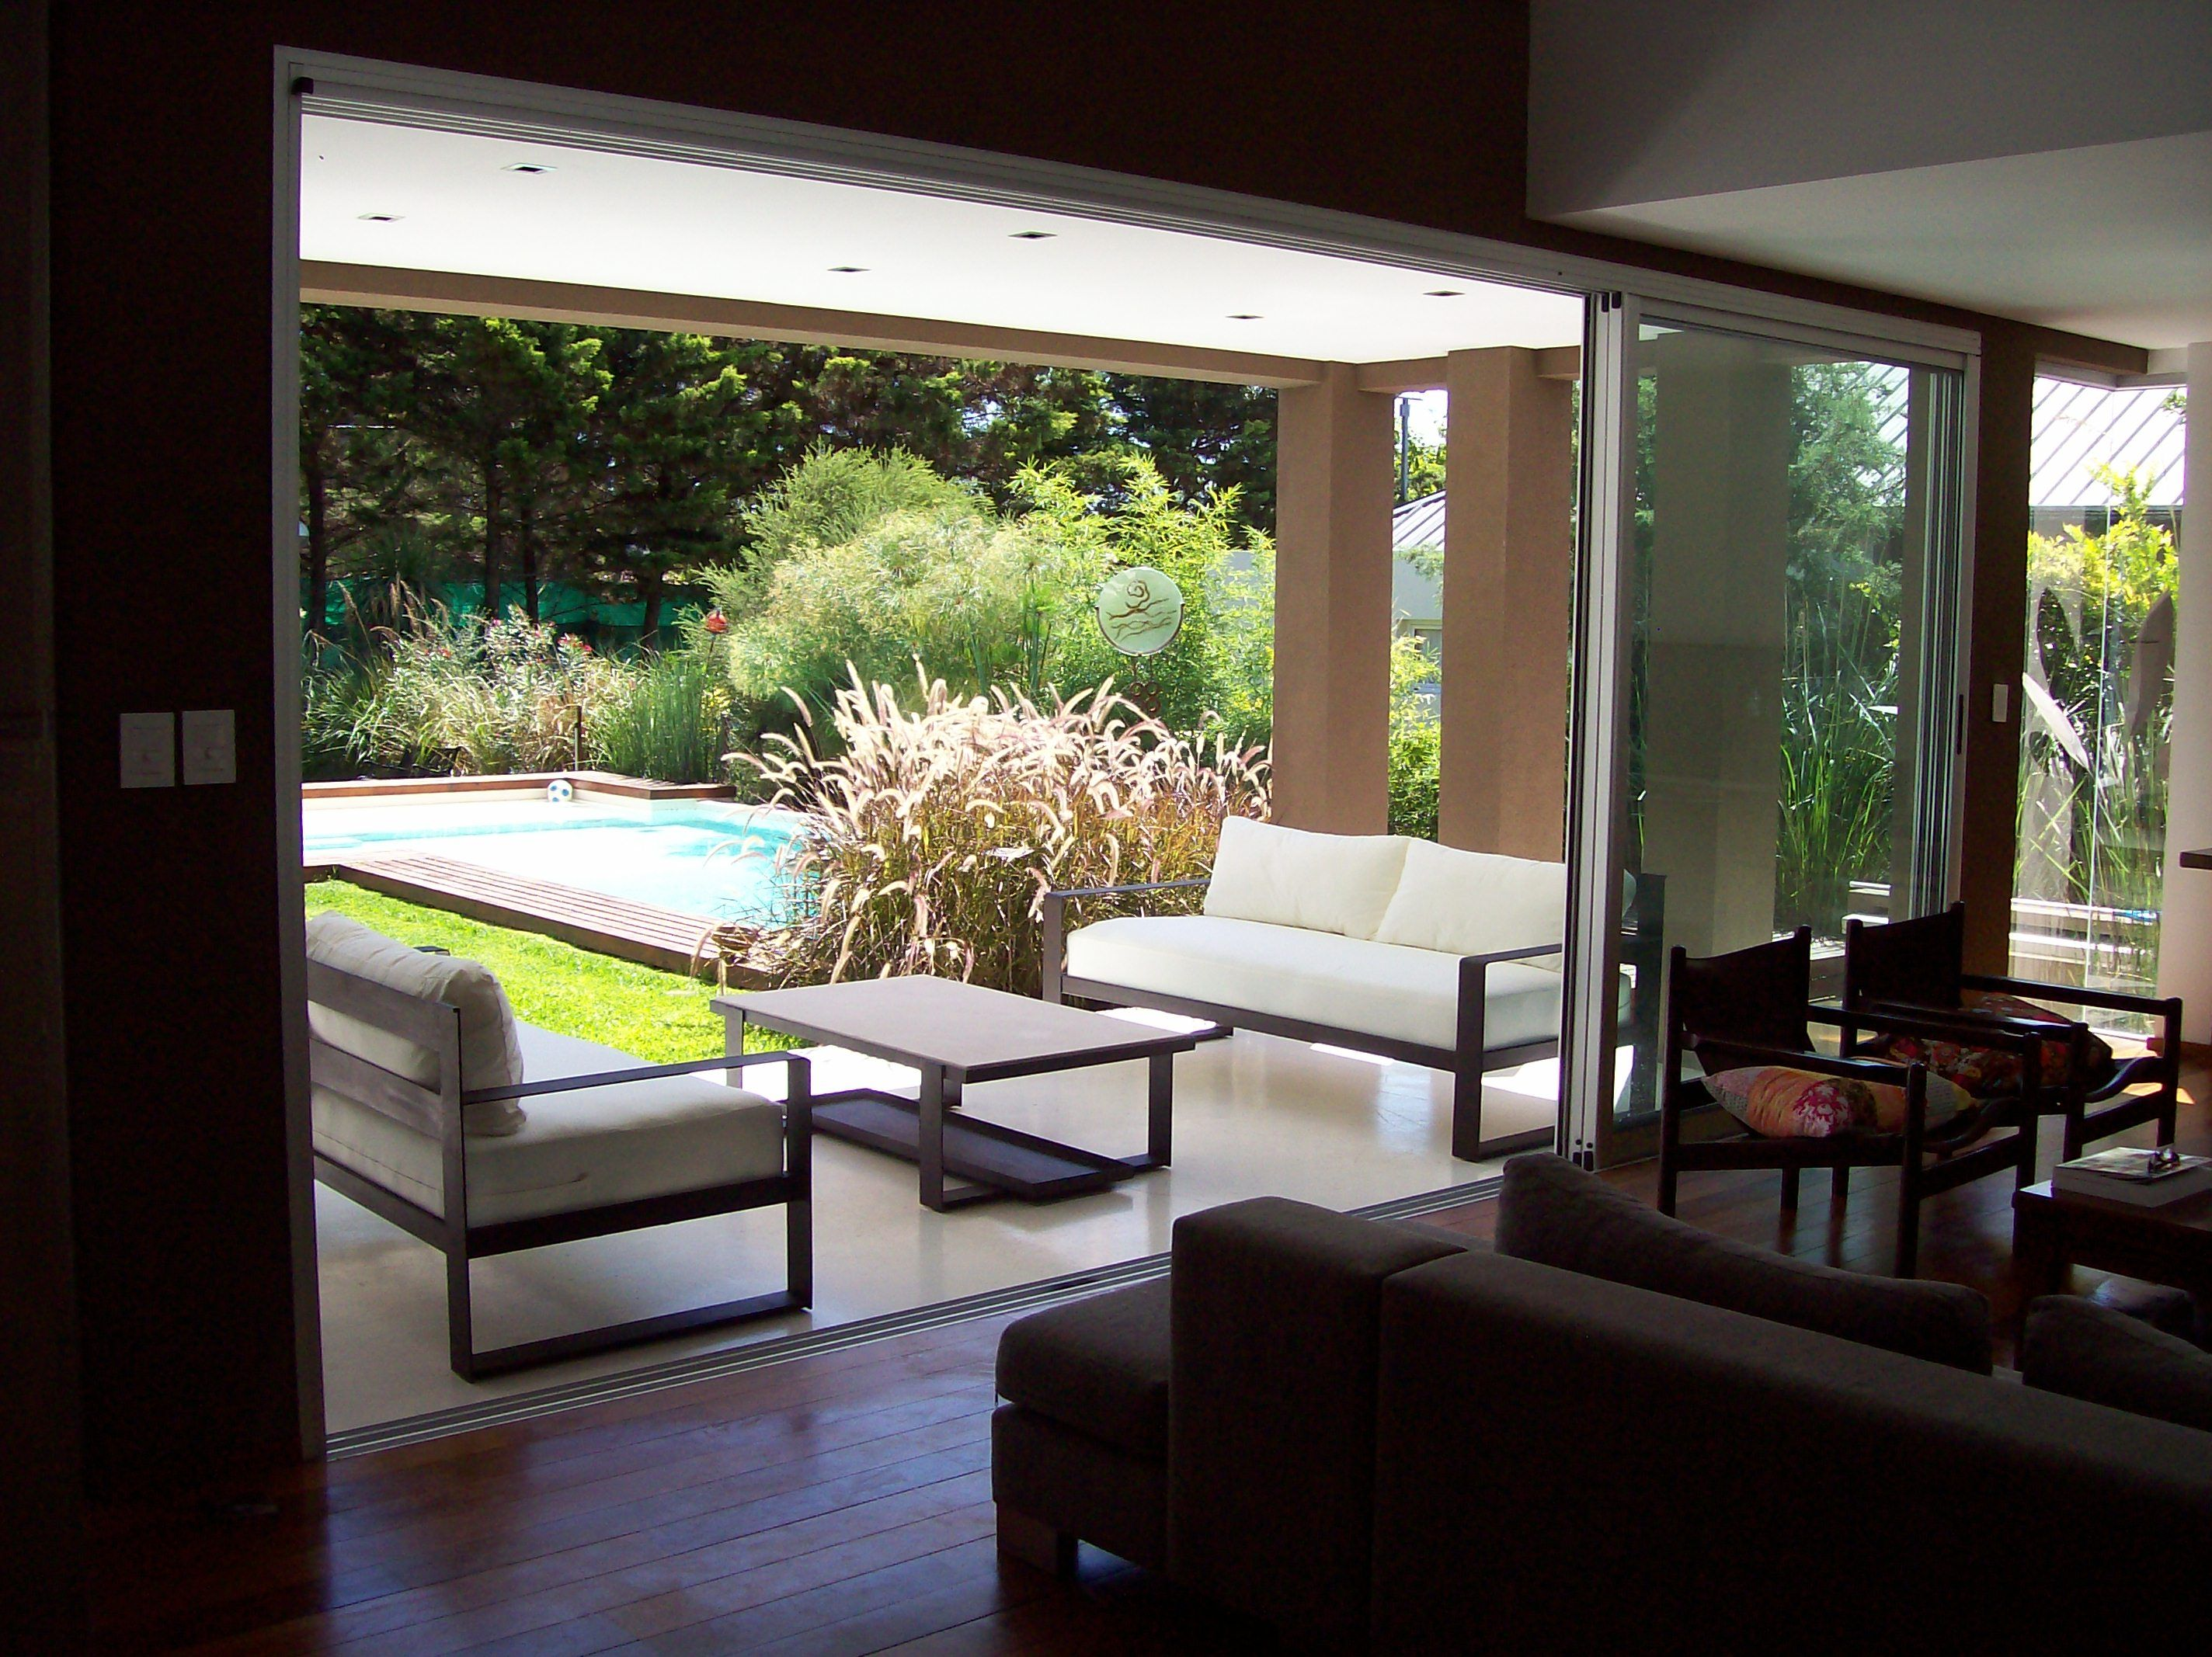 Muebles de exterior en hierro para jardin muebles de for Muebles terraza exterior